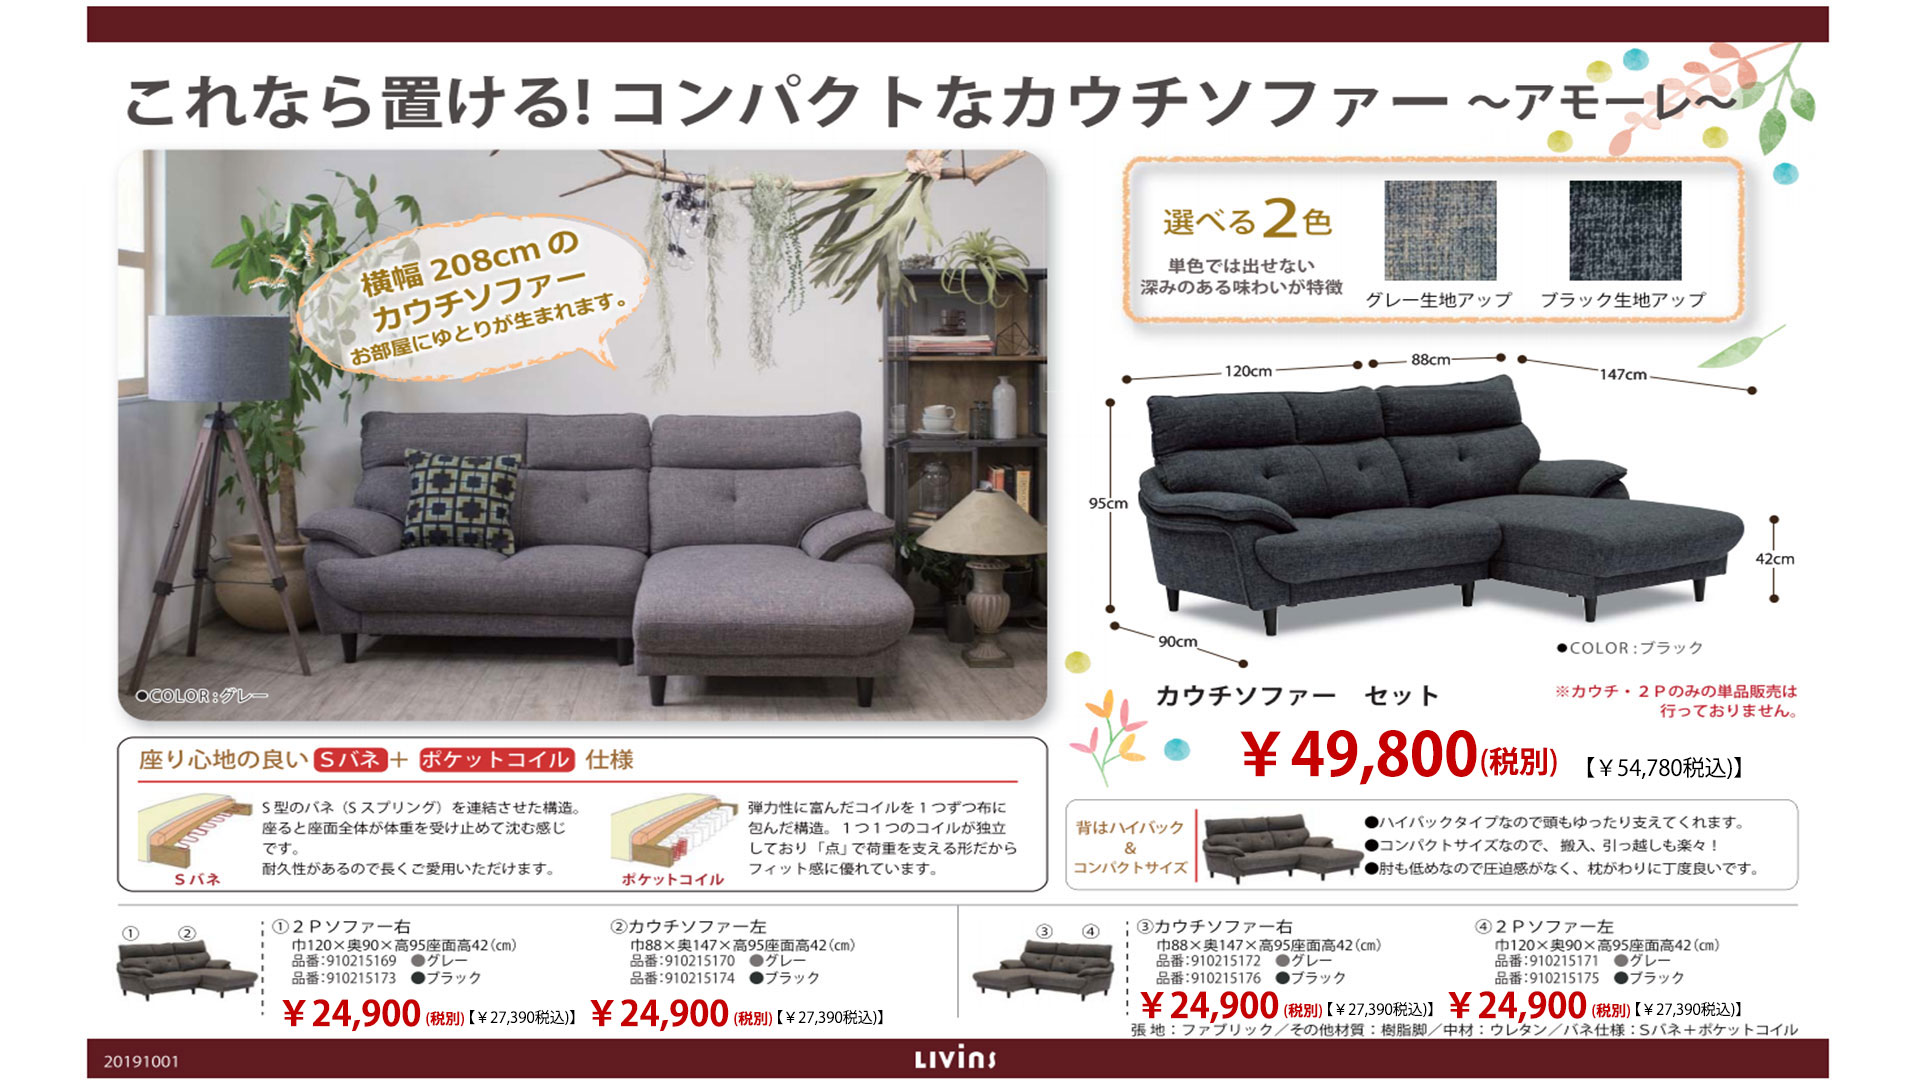 リビンズのソファ「アモーレ」のPOPの画像